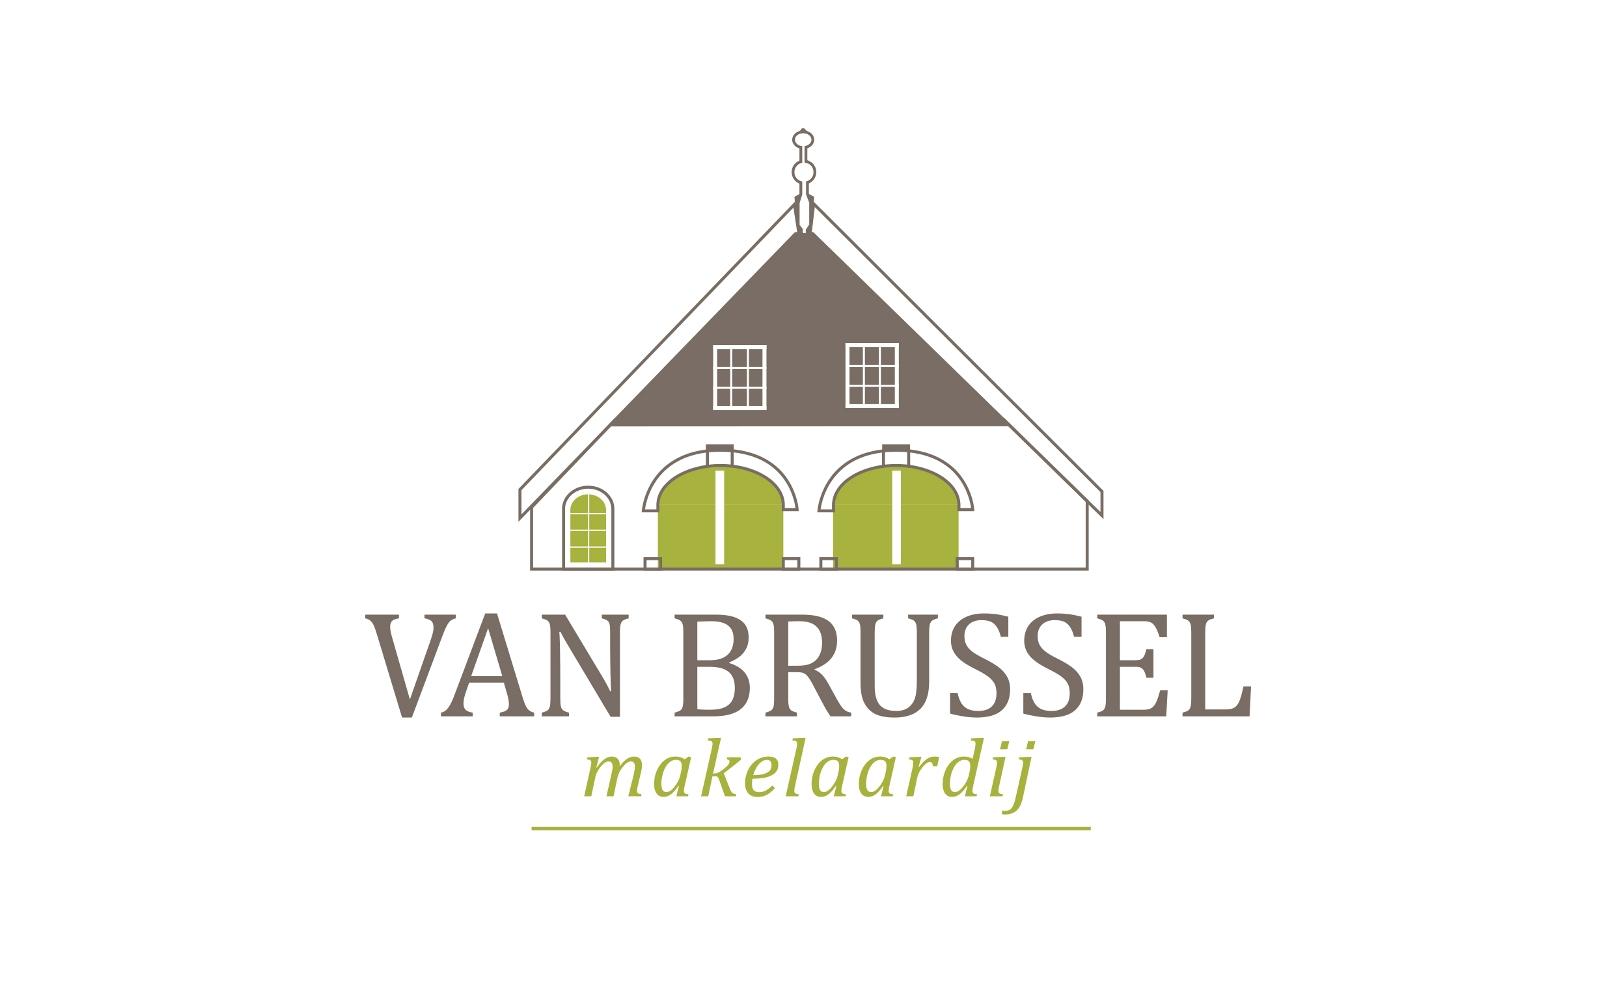 Van Brussel Makelaardij